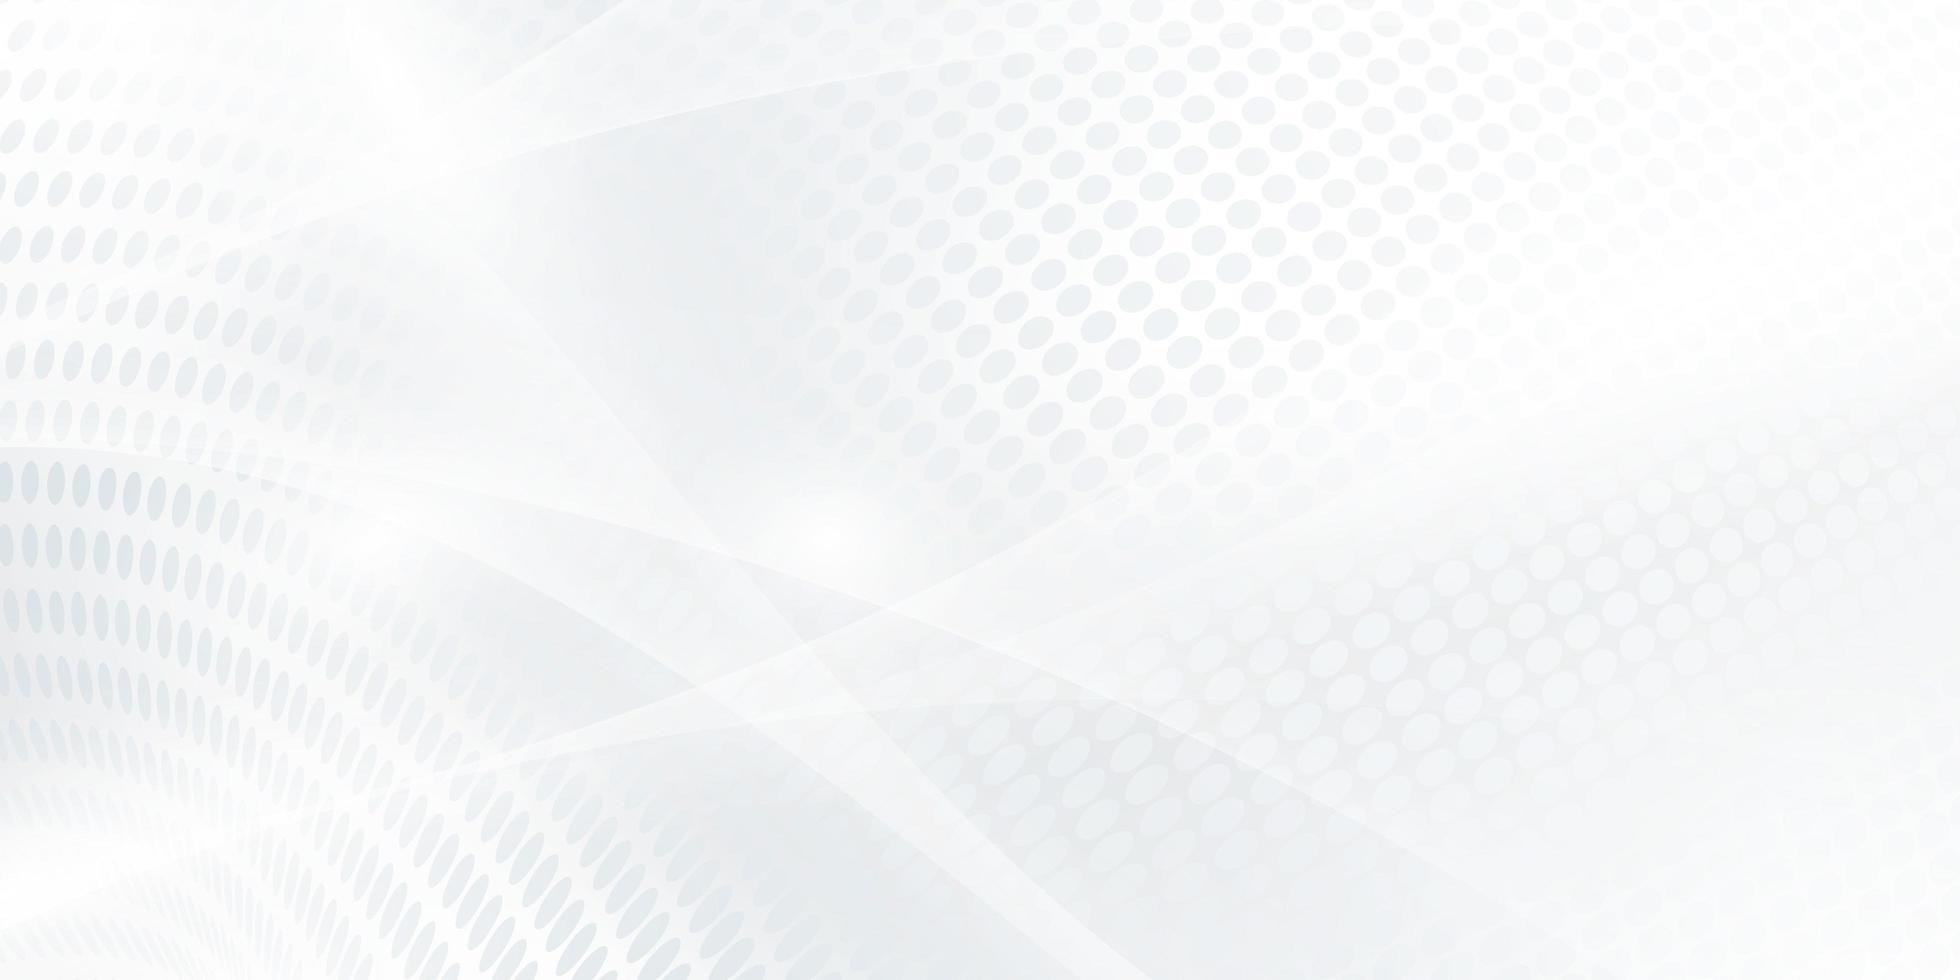 abstrakt grå vit bakgrundsaffisch med dynamiska vågor. vektor